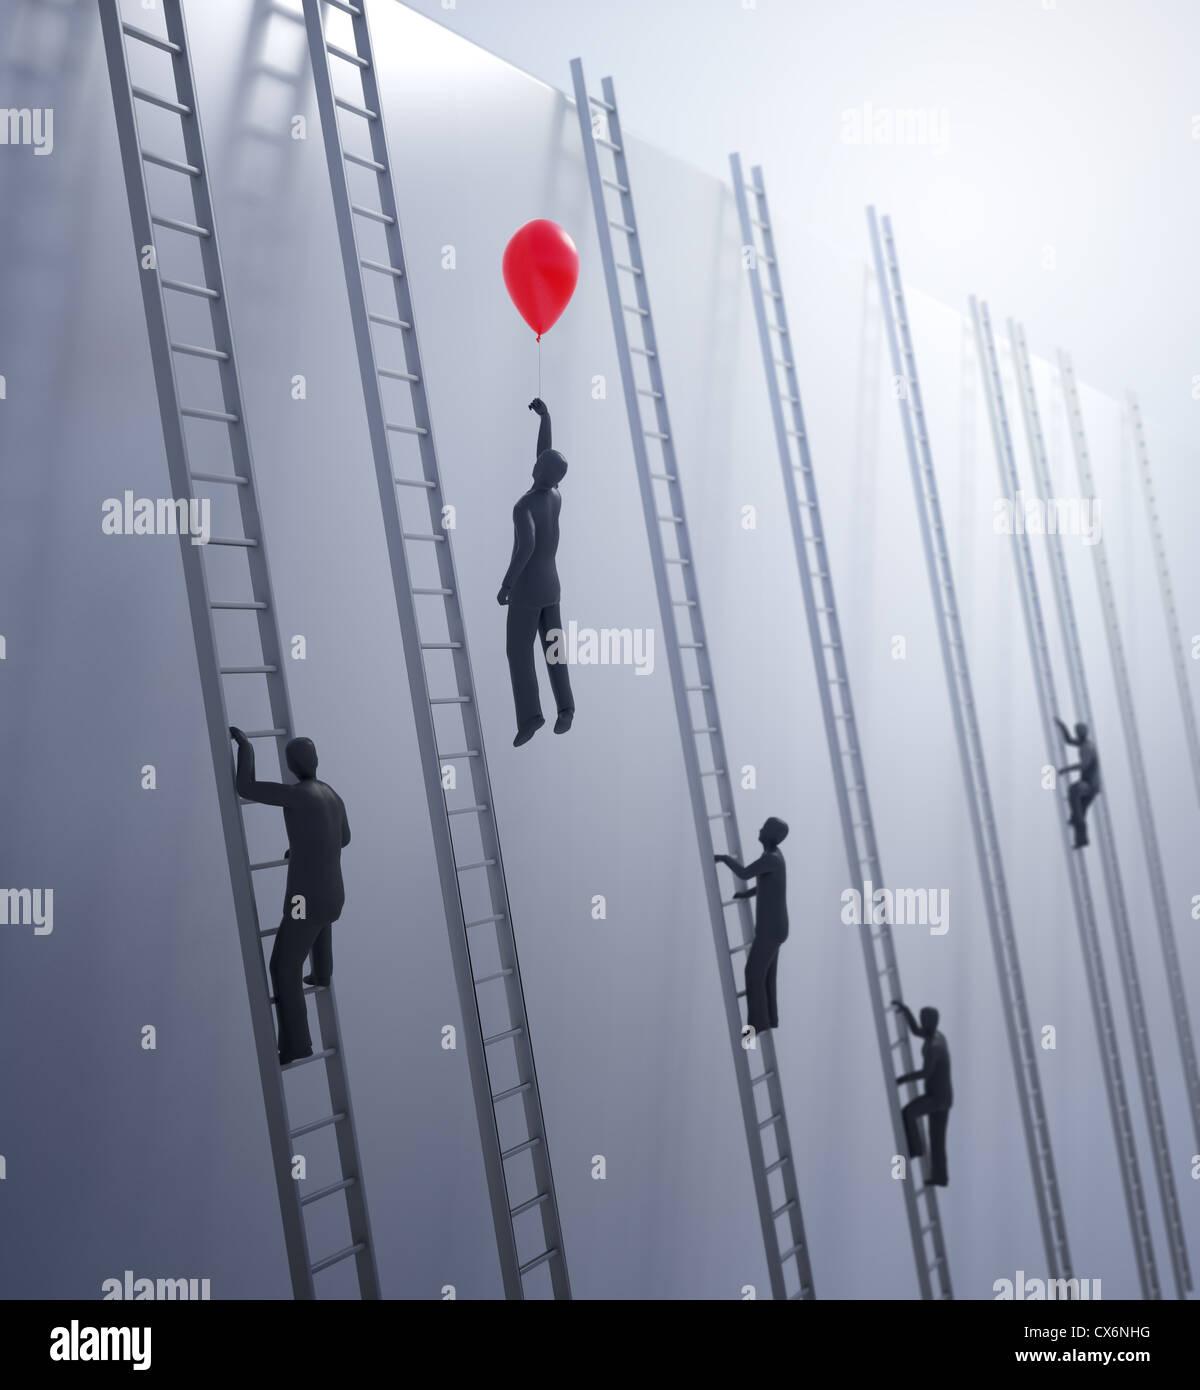 Pequeño pueblo abstracto subes escaleras - innovación y ventaja en concepto de negocio Imagen De Stock